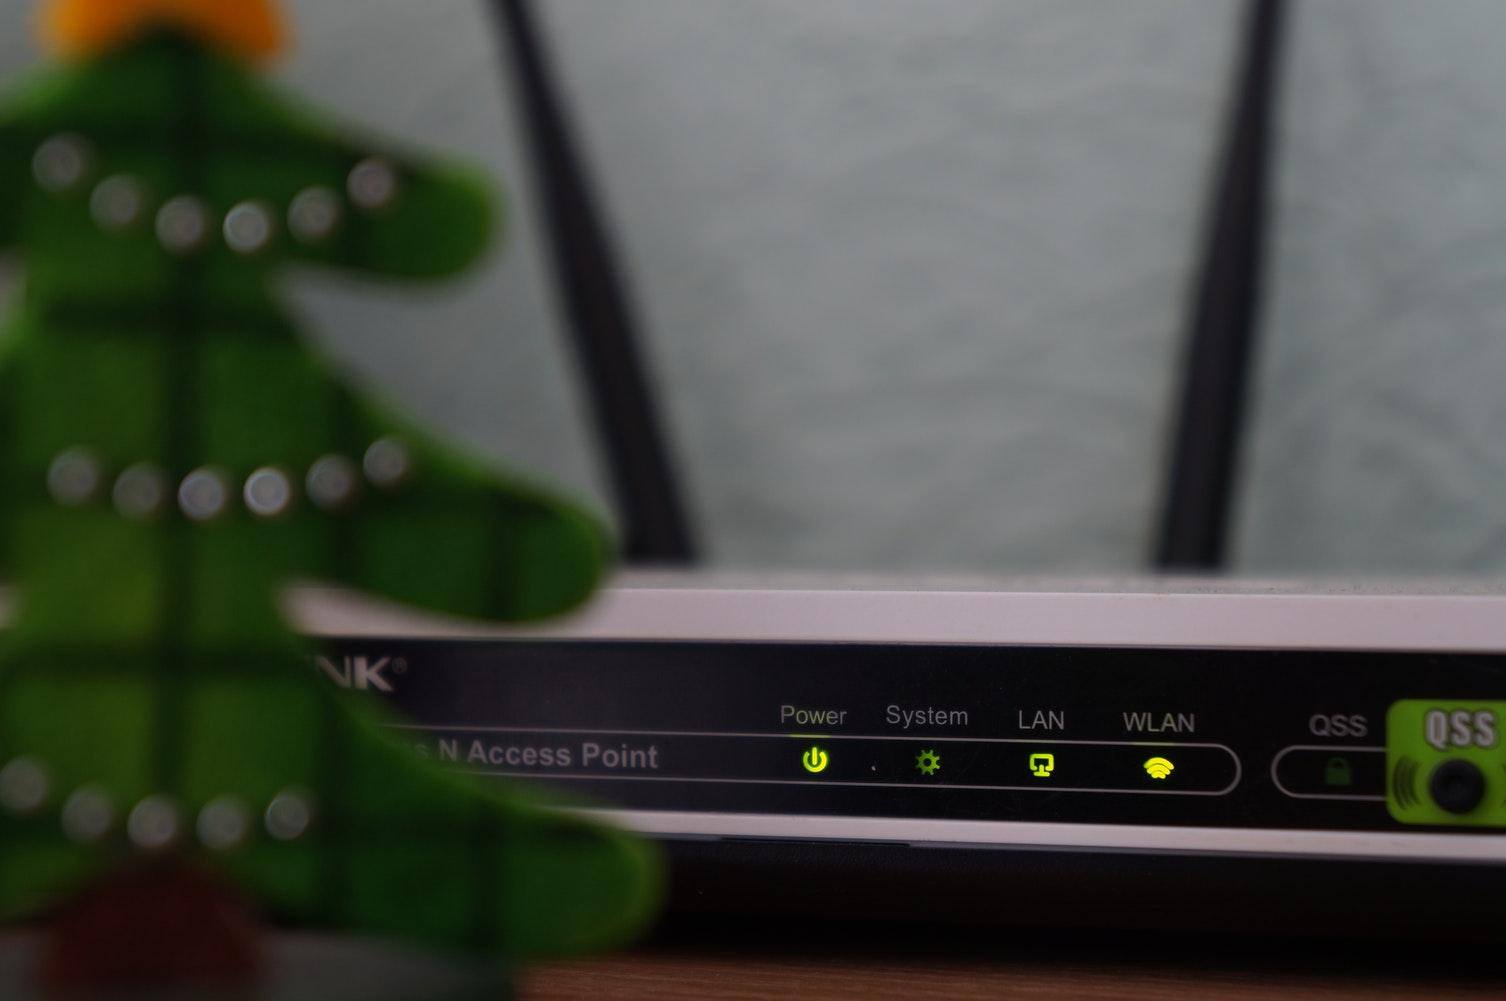 Forfait fibre: cet abonnement à 25euros par mois permet de télécharger Cyberpunk2077 en moins de 10minutes